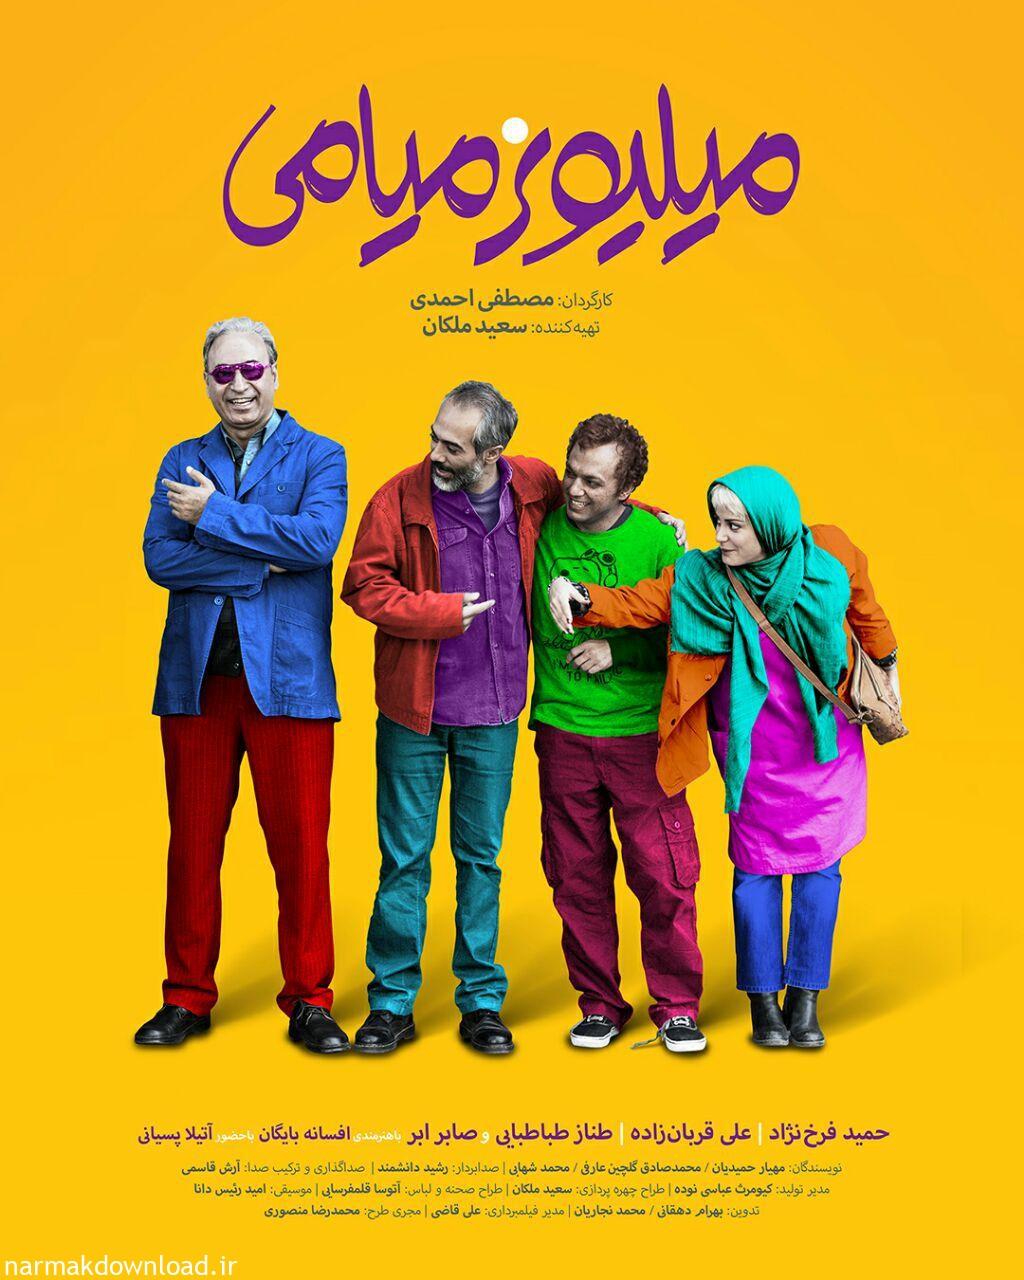 فیلم ایرانی میلیونر میامی با لینک مستقیم